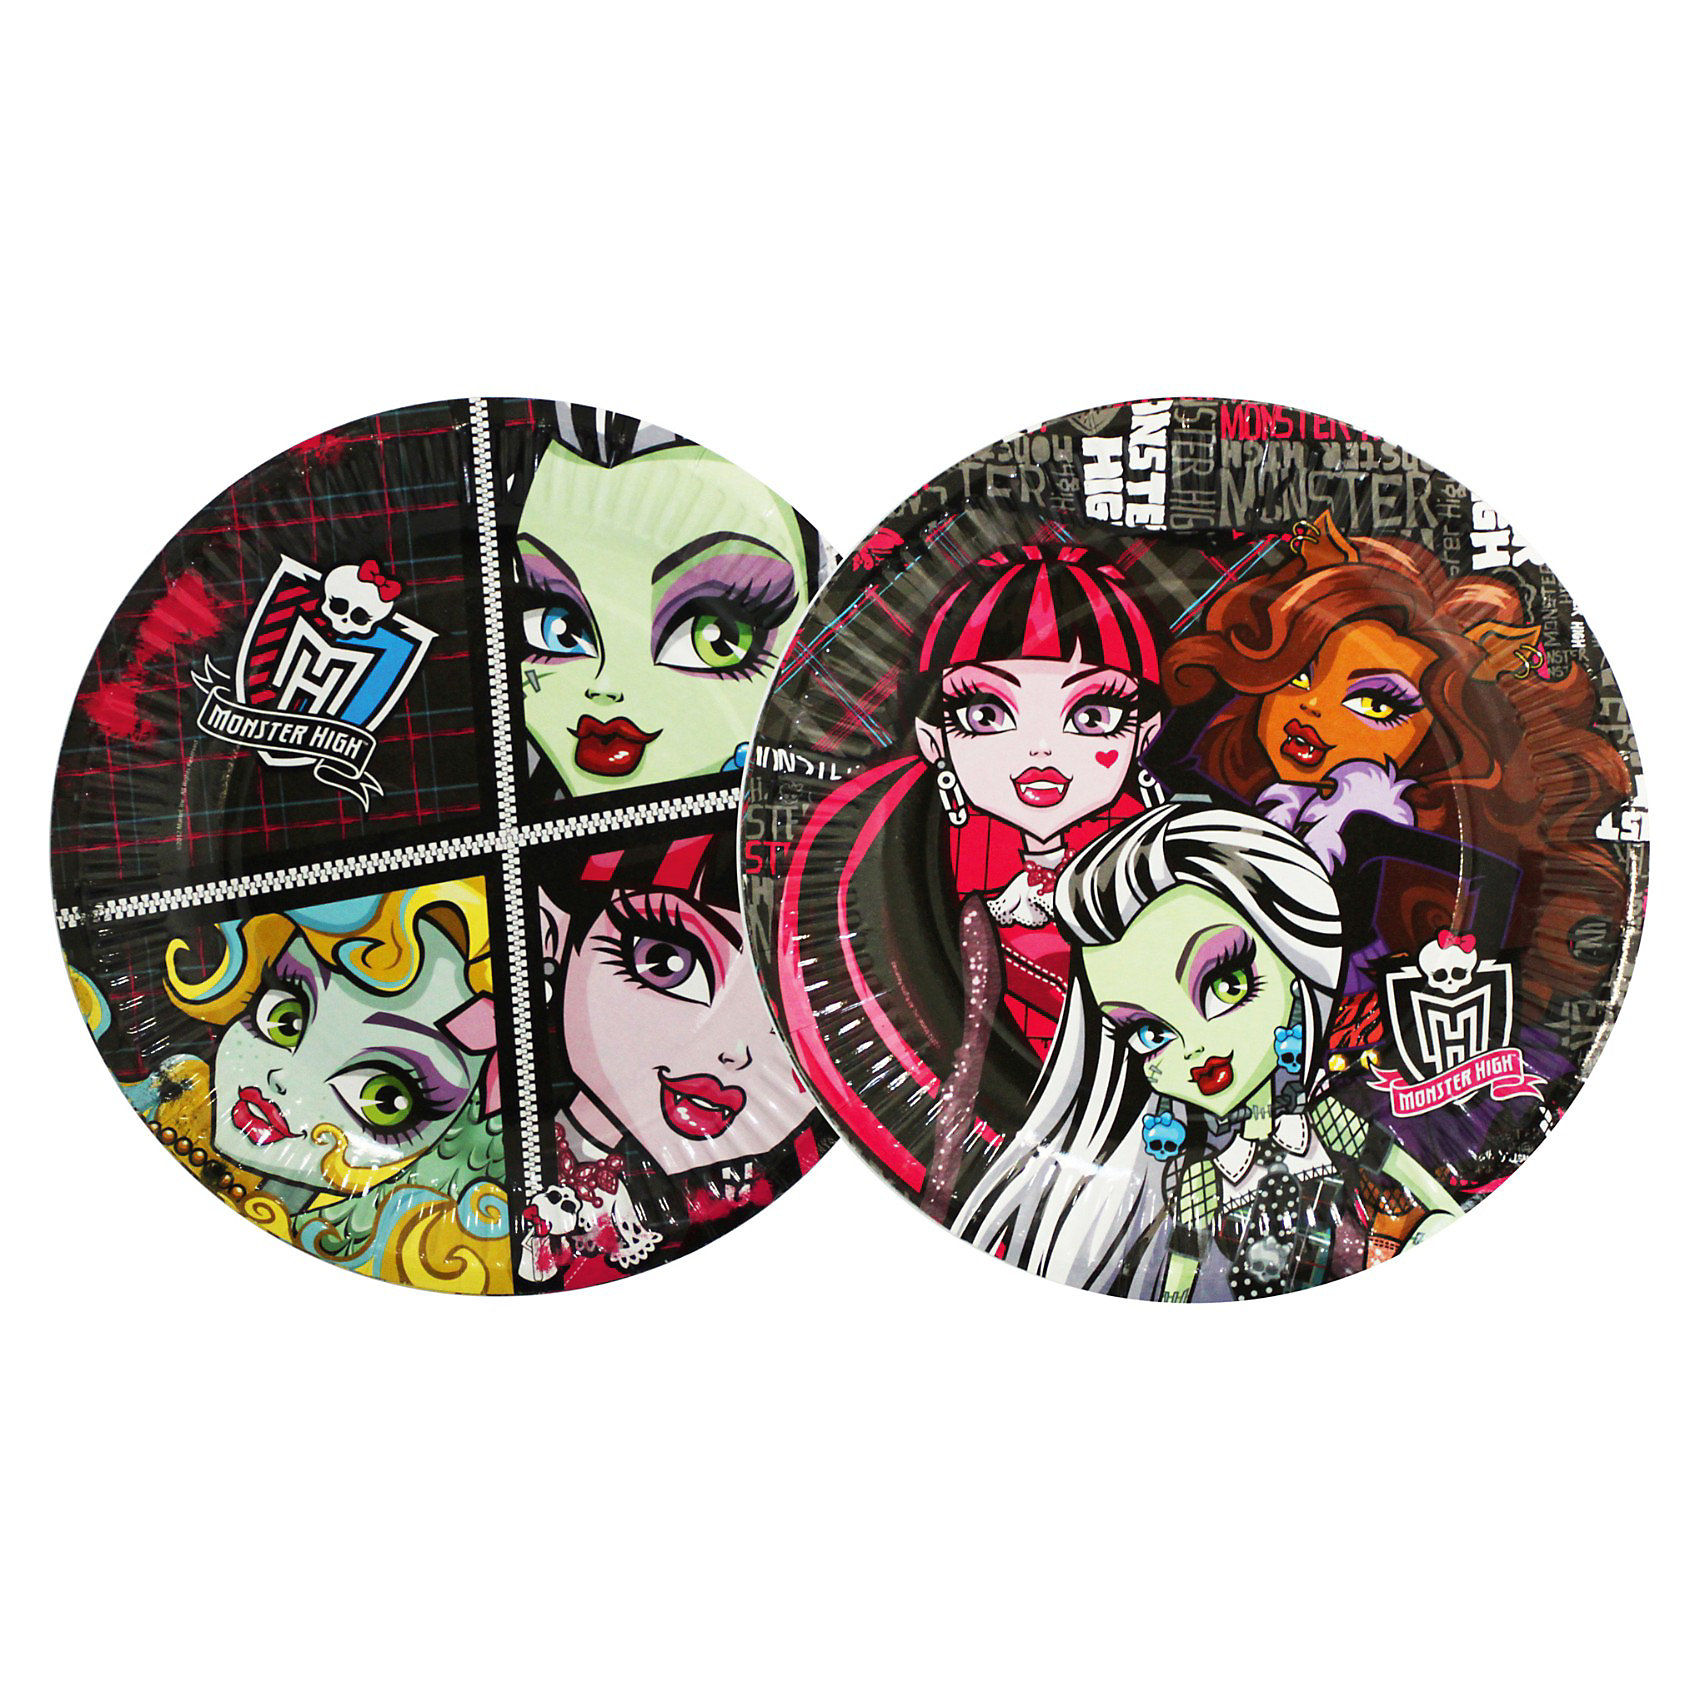 Тарелка бумажная, 18см, 10шт, Monster HighПосуда<br>Праздничный набор бумажных одноразовых тарелок 18см, 10 шт, из коллекции Monster High (Монстр Хай) послужит идеальным решением для проведения вечеринки, дня рождения. Героини популярного мультфильма придутся по душе юным гостям, а Вам не придется тратить время на мытье посуды.<br>Не расставайтесь с любимыми героями во время шумной вечеринки!<br><br>Дополнительная информация:<br><br>- тарелочки идеальный подарок фанатам любимого мультфильма: Школа Монстров;<br>- на лицевой стороне напечатаны героини мультика Monster High (Школа Монстров);<br>- бумажные тарелочки диаметром 18 см, 10 шт;<br>- размер упаковки: 18 х 18 х 2,5 см;<br>- упаковка: термопленка;<br>- вес: 90 г. <br><br>Тарелку бумажную, 18см, 10шт, Monster High (Монстер Хай) можно купить в нашем интернет-магазине.<br><br>Ширина мм: 180<br>Глубина мм: 180<br>Высота мм: 25<br>Вес г: 90<br>Возраст от месяцев: 36<br>Возраст до месяцев: 72<br>Пол: Женский<br>Возраст: Детский<br>SKU: 3536302